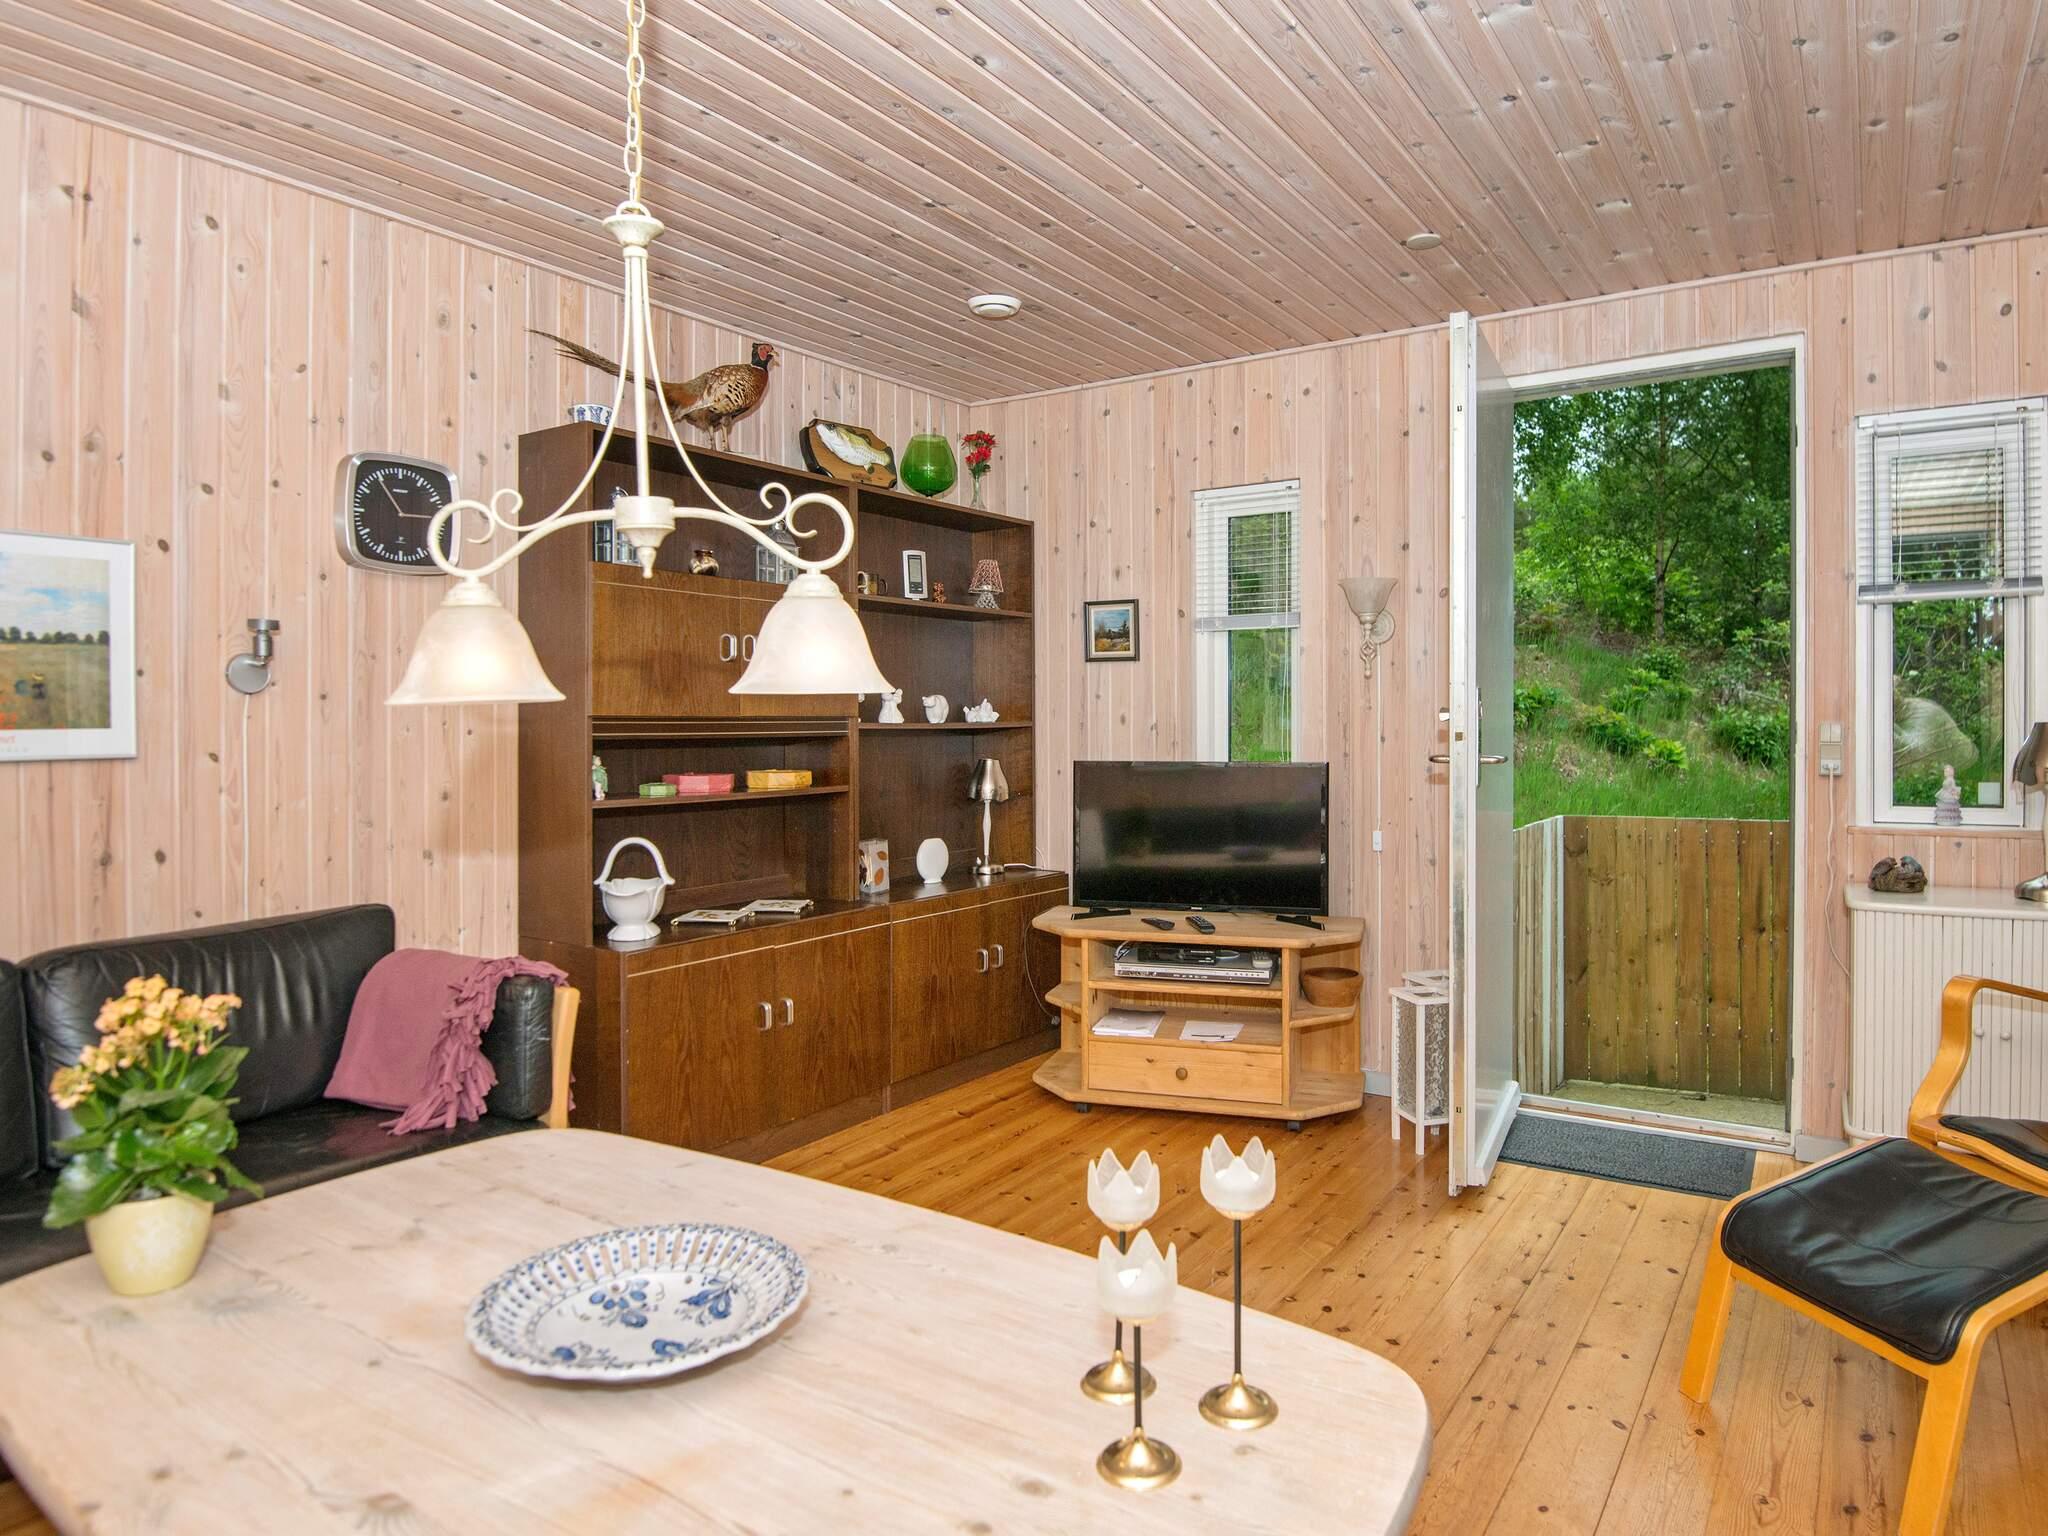 Ferienhaus Silkeborg (2355202), Silkeborg, , Ostjütland, Dänemark, Bild 14